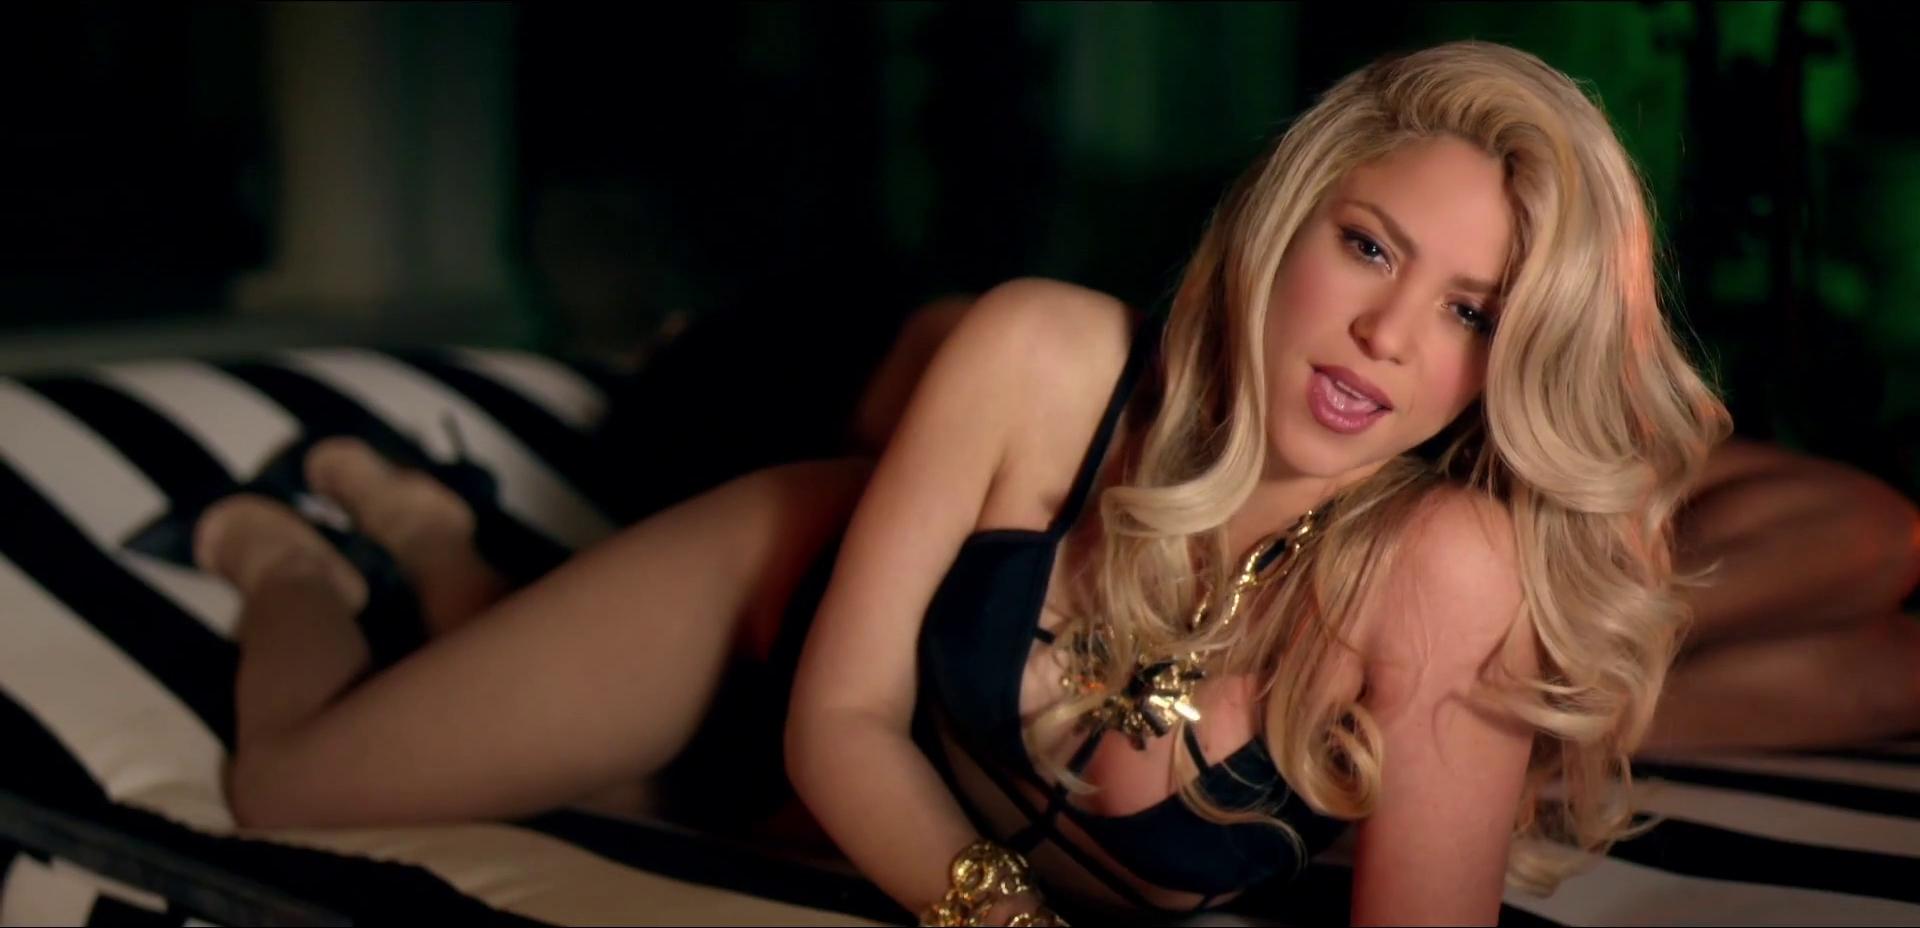 shakira-samiy-seksualniy-klip